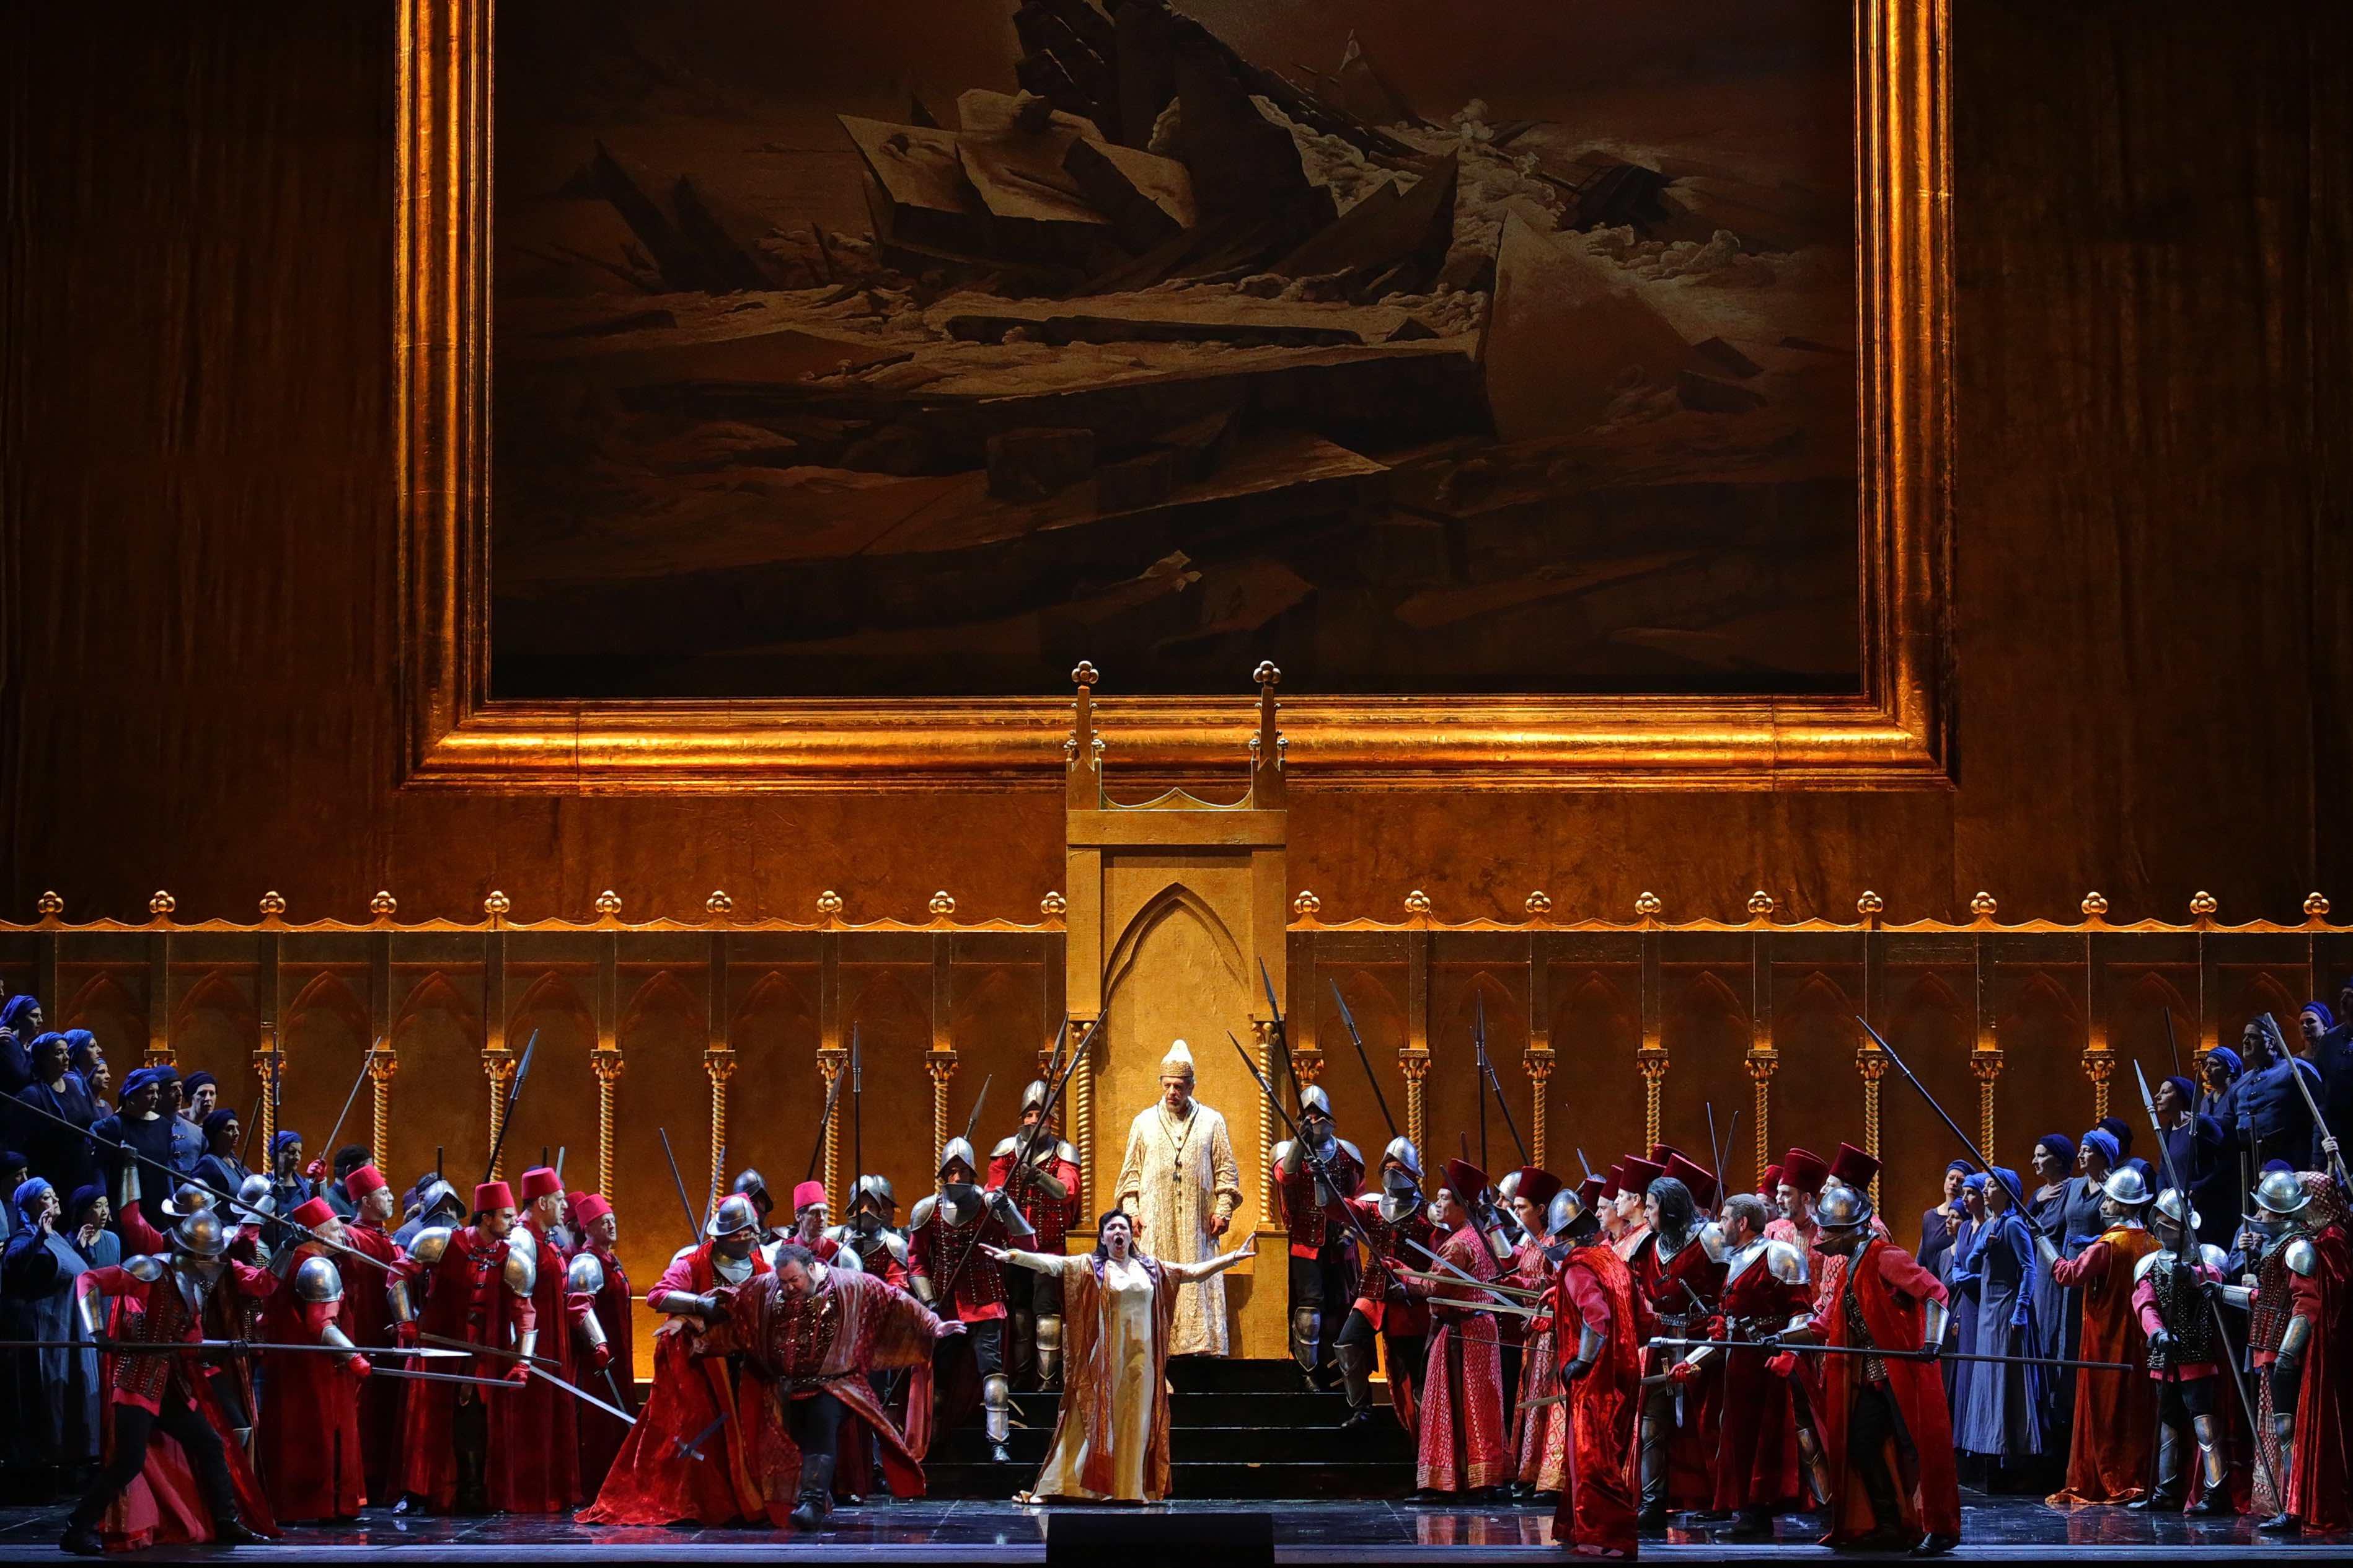 Simon Boccanegra, Teatro alla Scala, Federico Tiezzi, Giuseppe Verdi, Marco Brescia, Rudy Amisano, Myung-Whun Chung, Leo Nucci